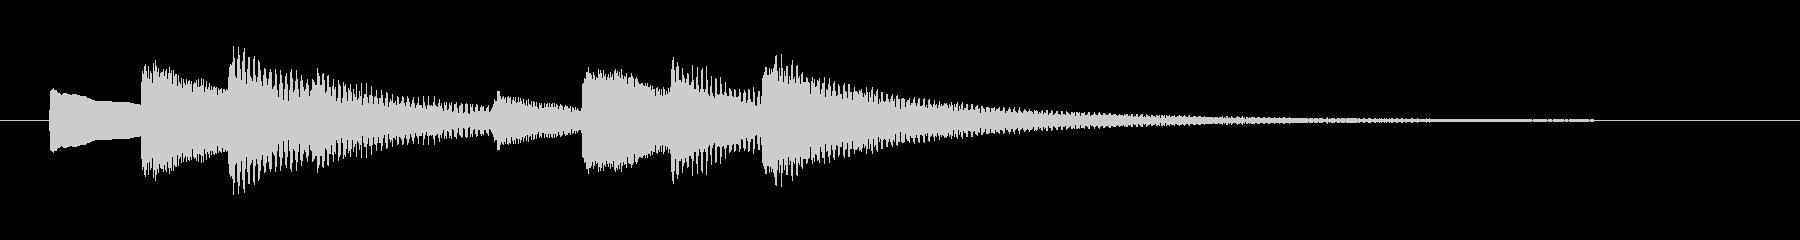 ベルチャーチアワー-ウィンザーチャ...の未再生の波形